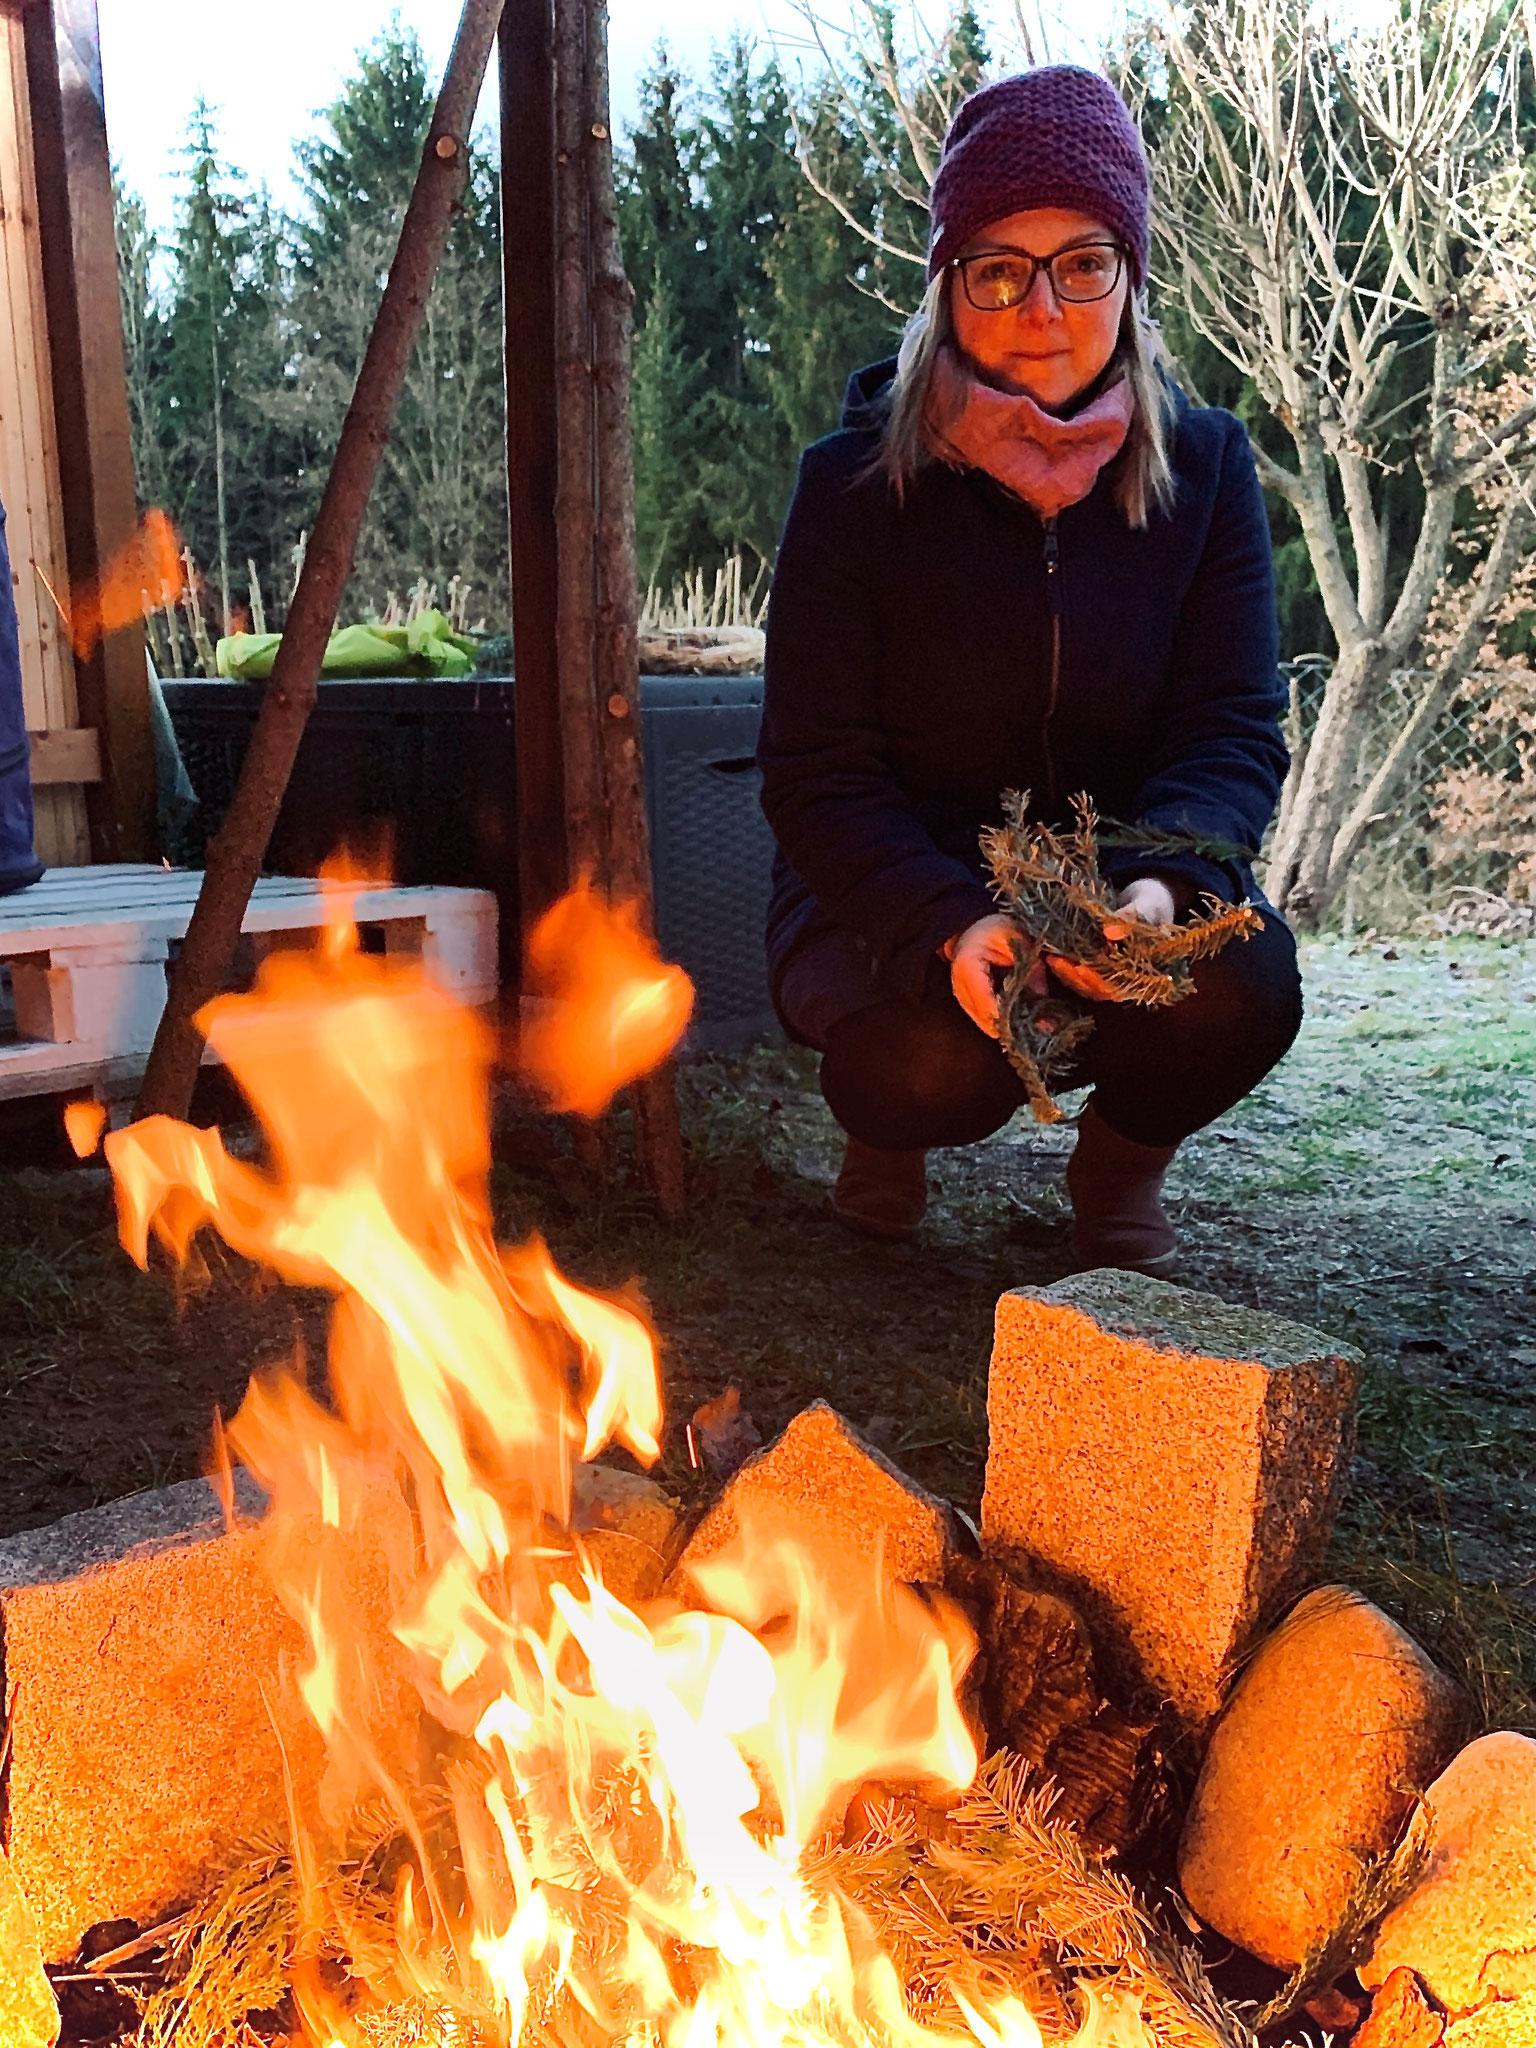 Christina am Feuer